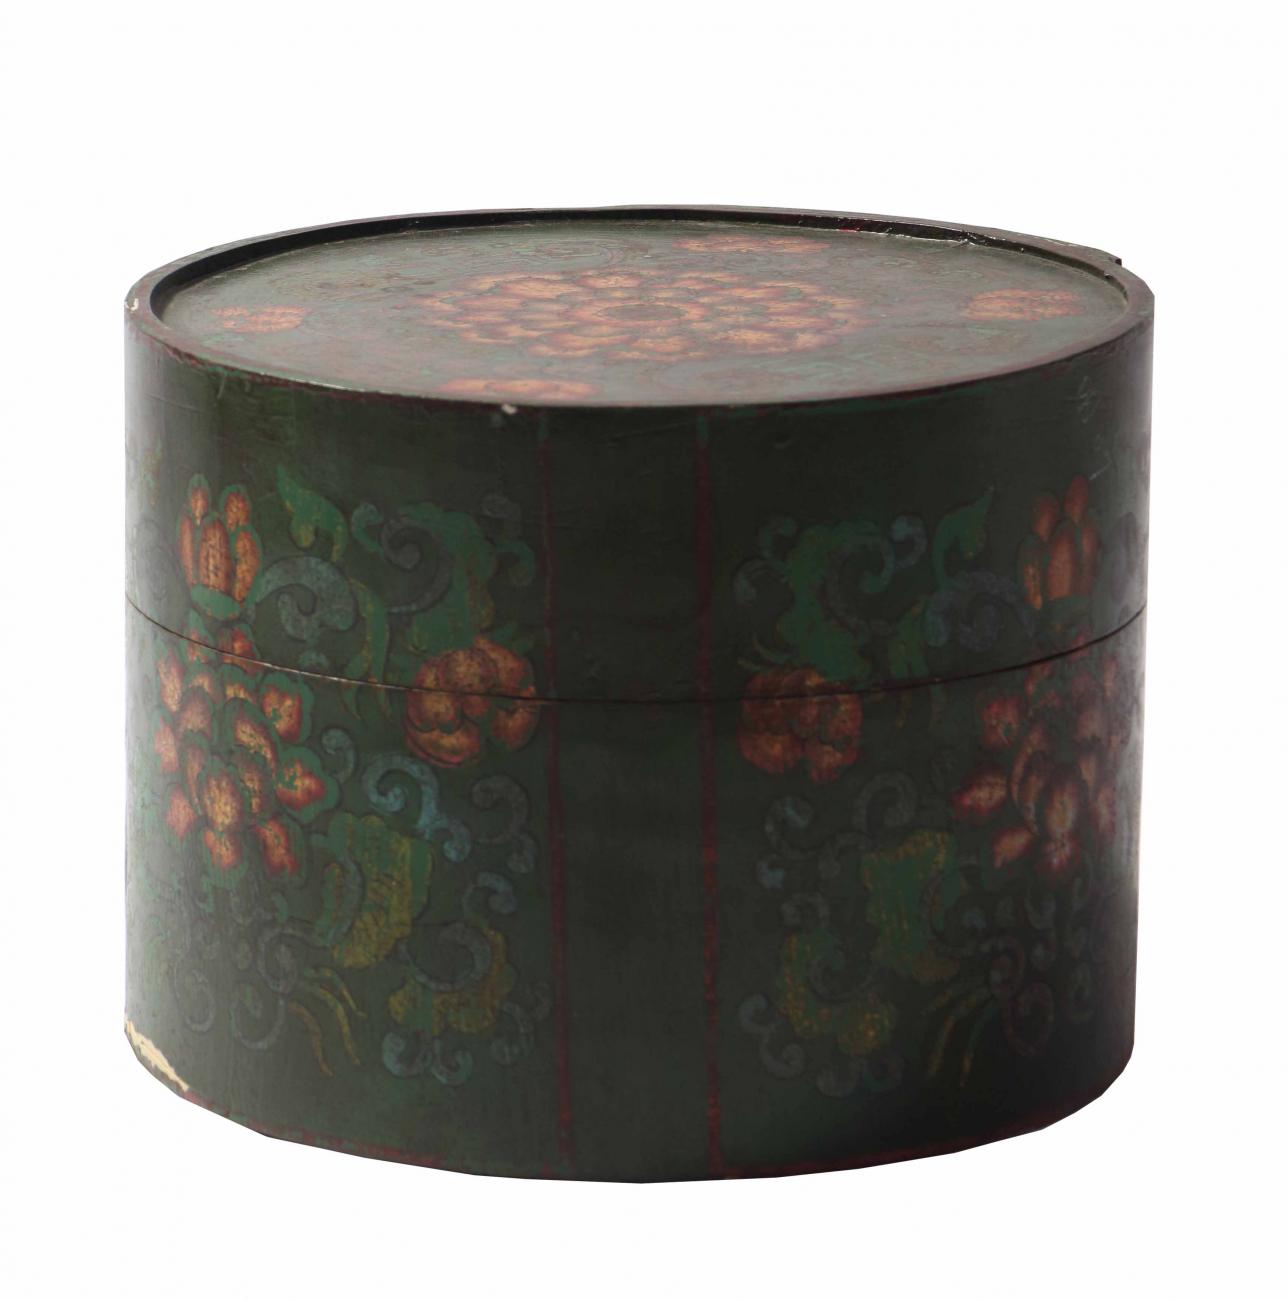 Купить Декоративная шкатулка Gudong в интернет магазине дизайнерской мебели и аксессуаров для дома и дачи